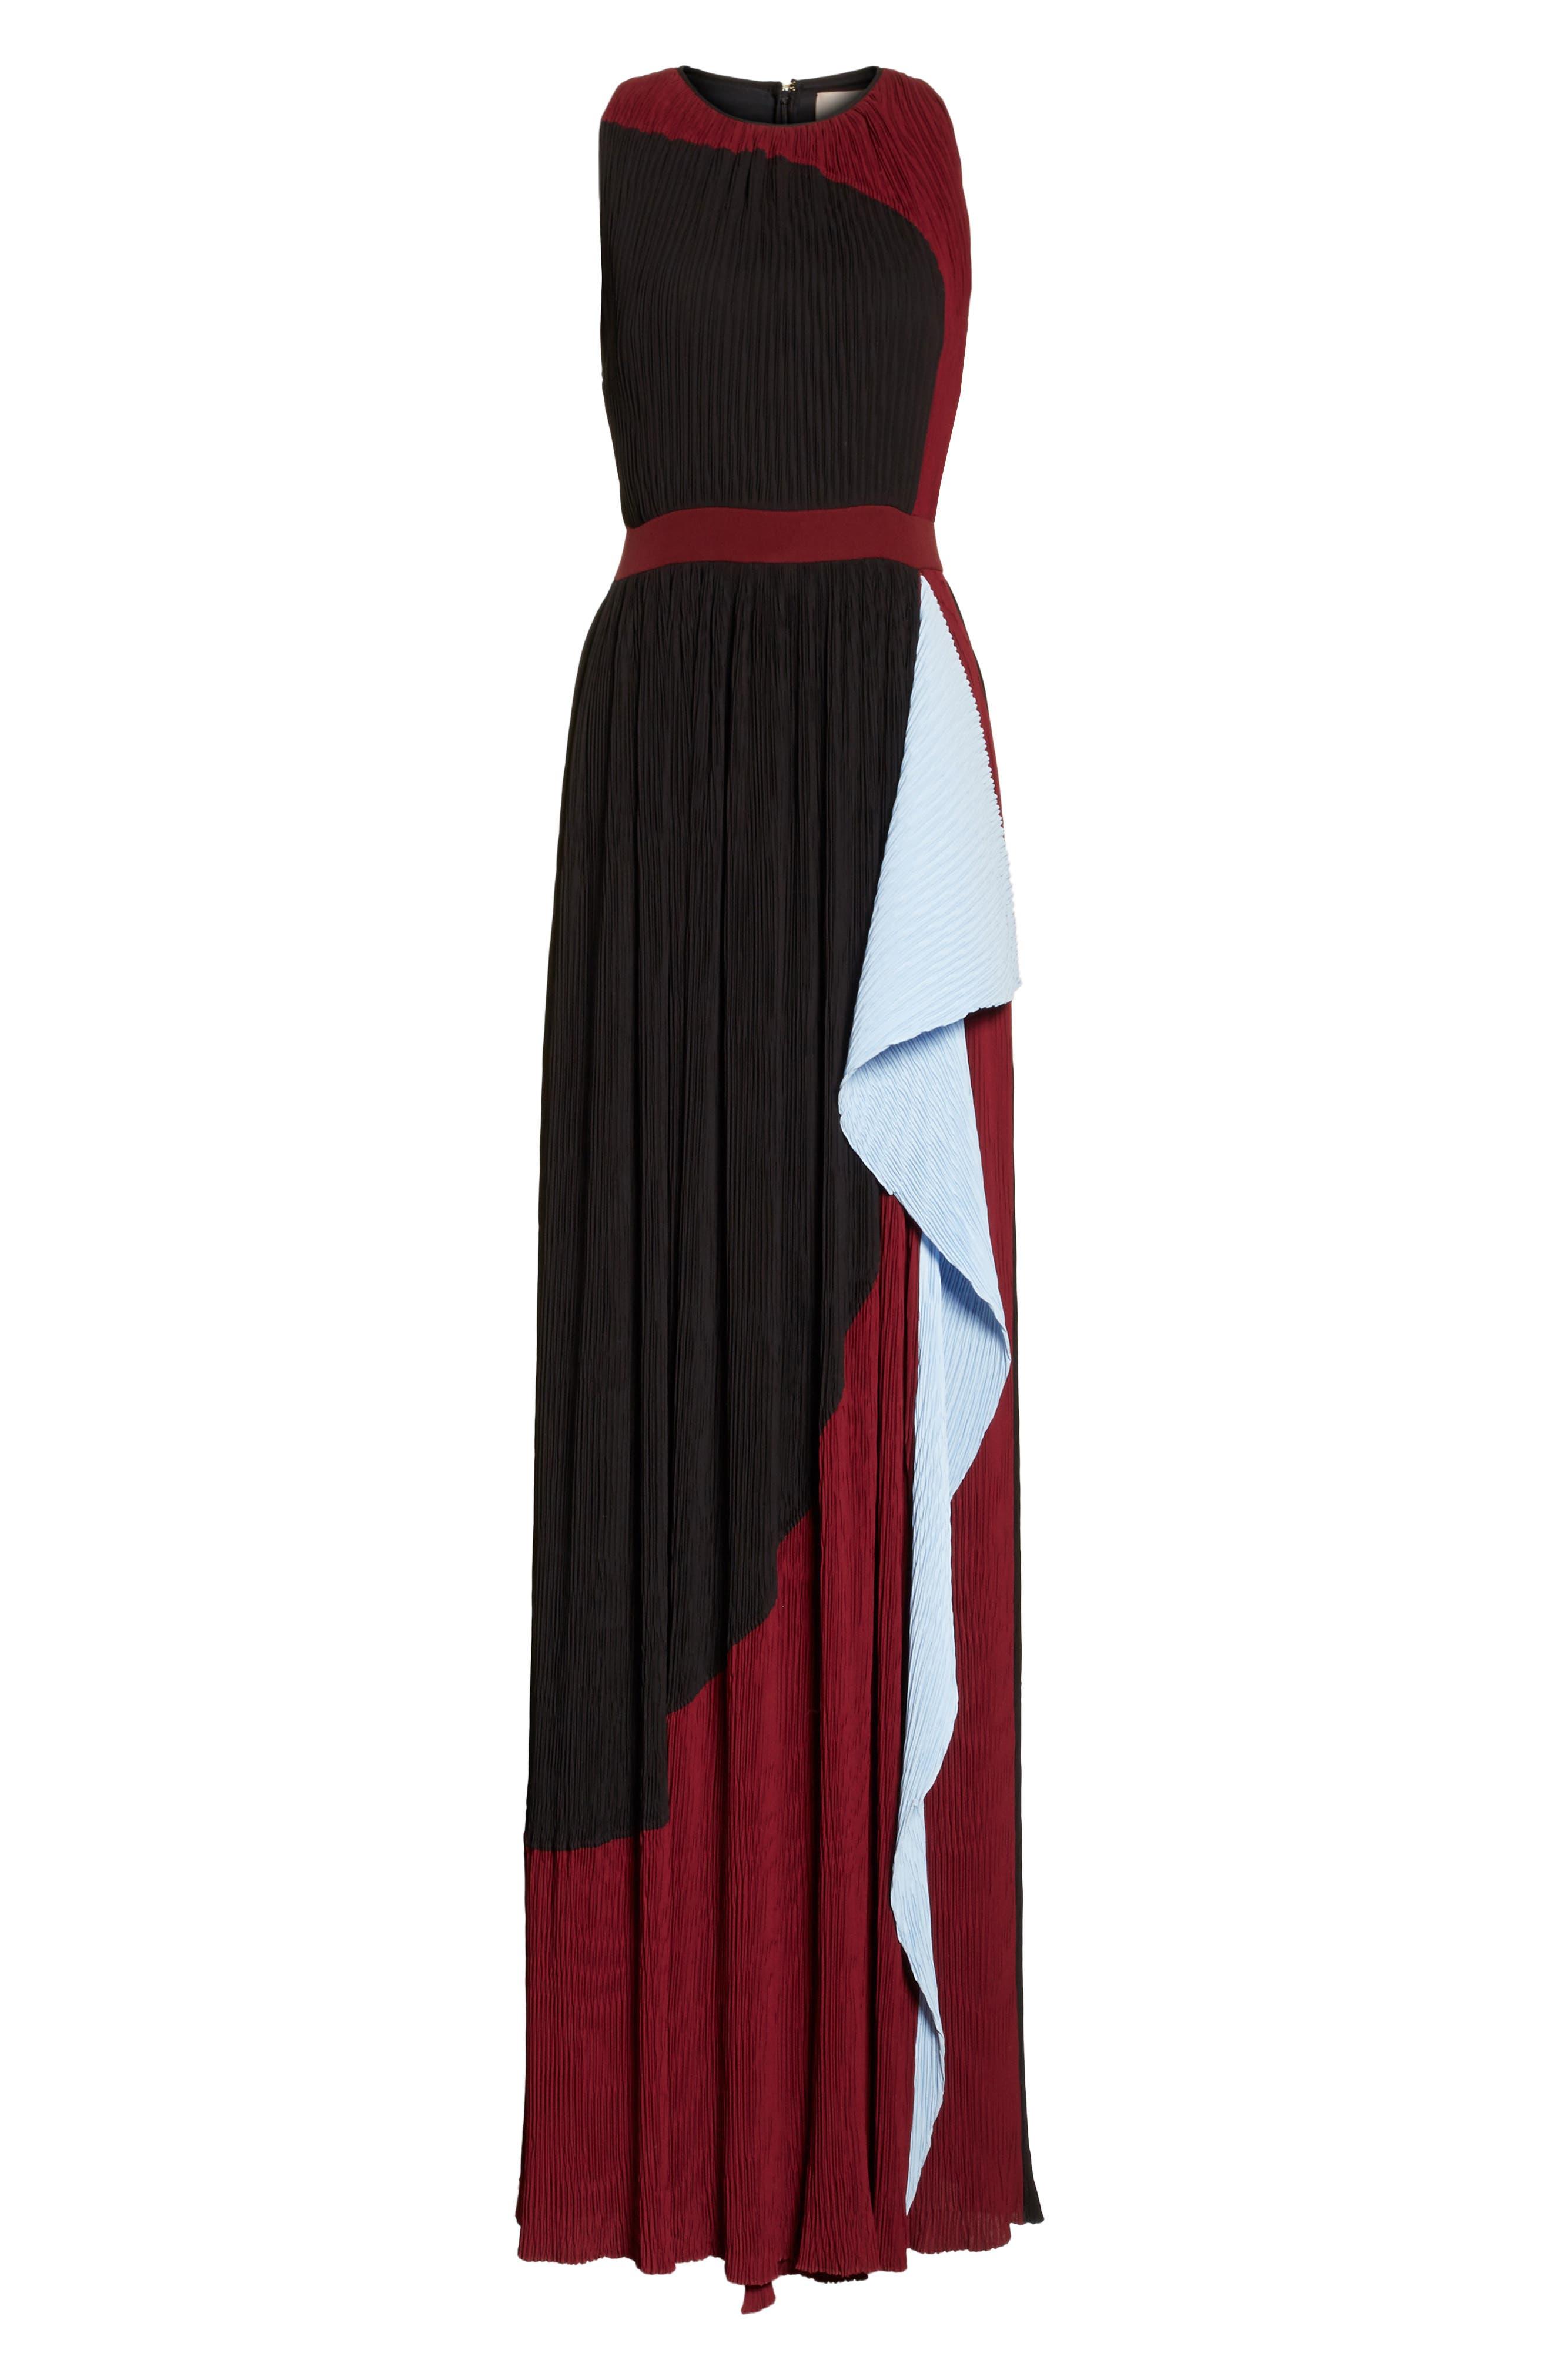 Milda Crystal Pleat Dress,                             Alternate thumbnail 6, color,                             010